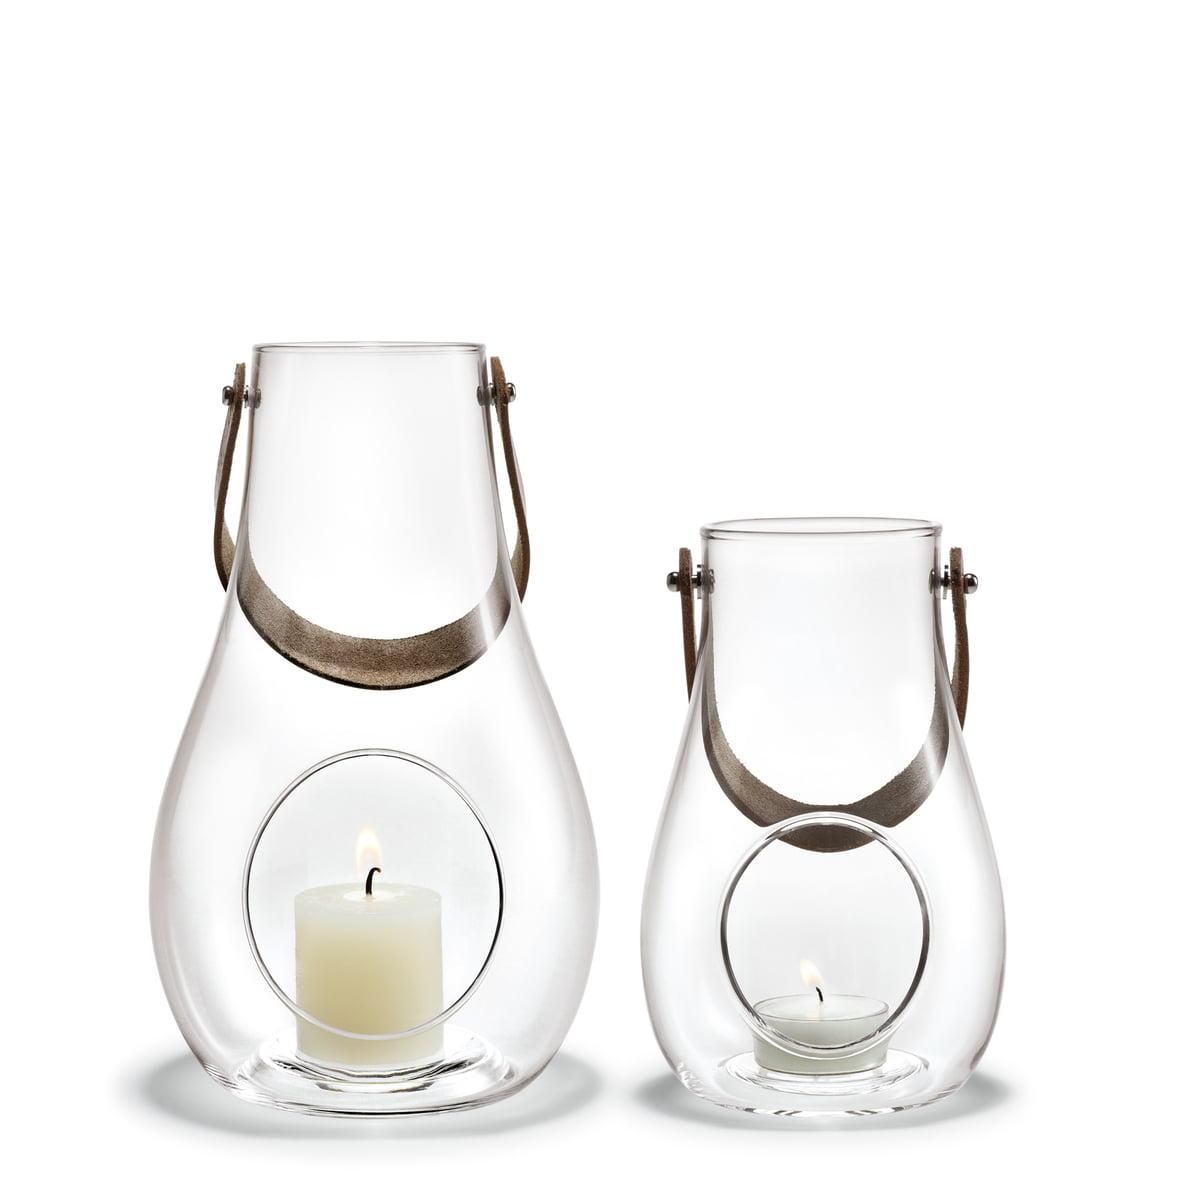 Holmegaard - Design with light Laterne (2er-Set) H 16 cm + 25 cm, klar